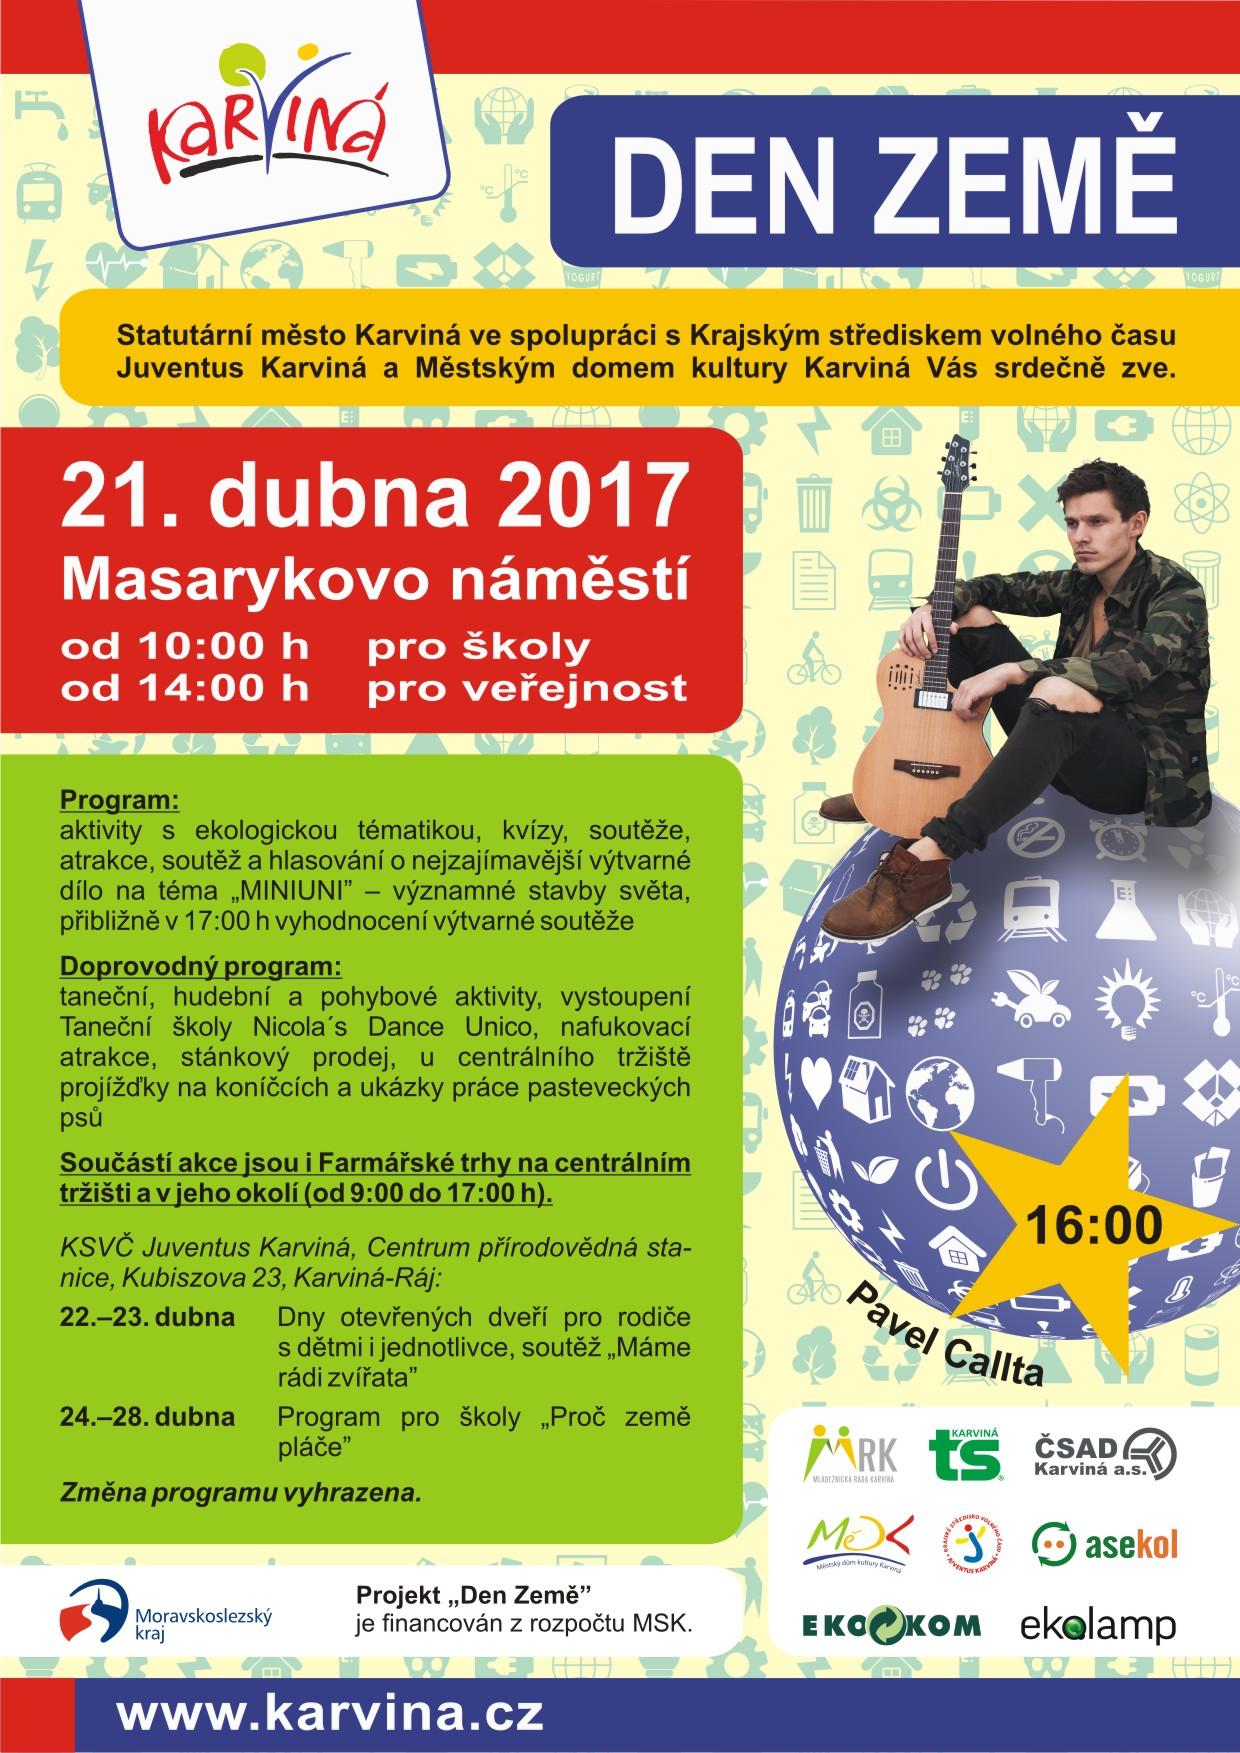 425-dz-2017-publicita-msk-web-a-e-mail.jpg